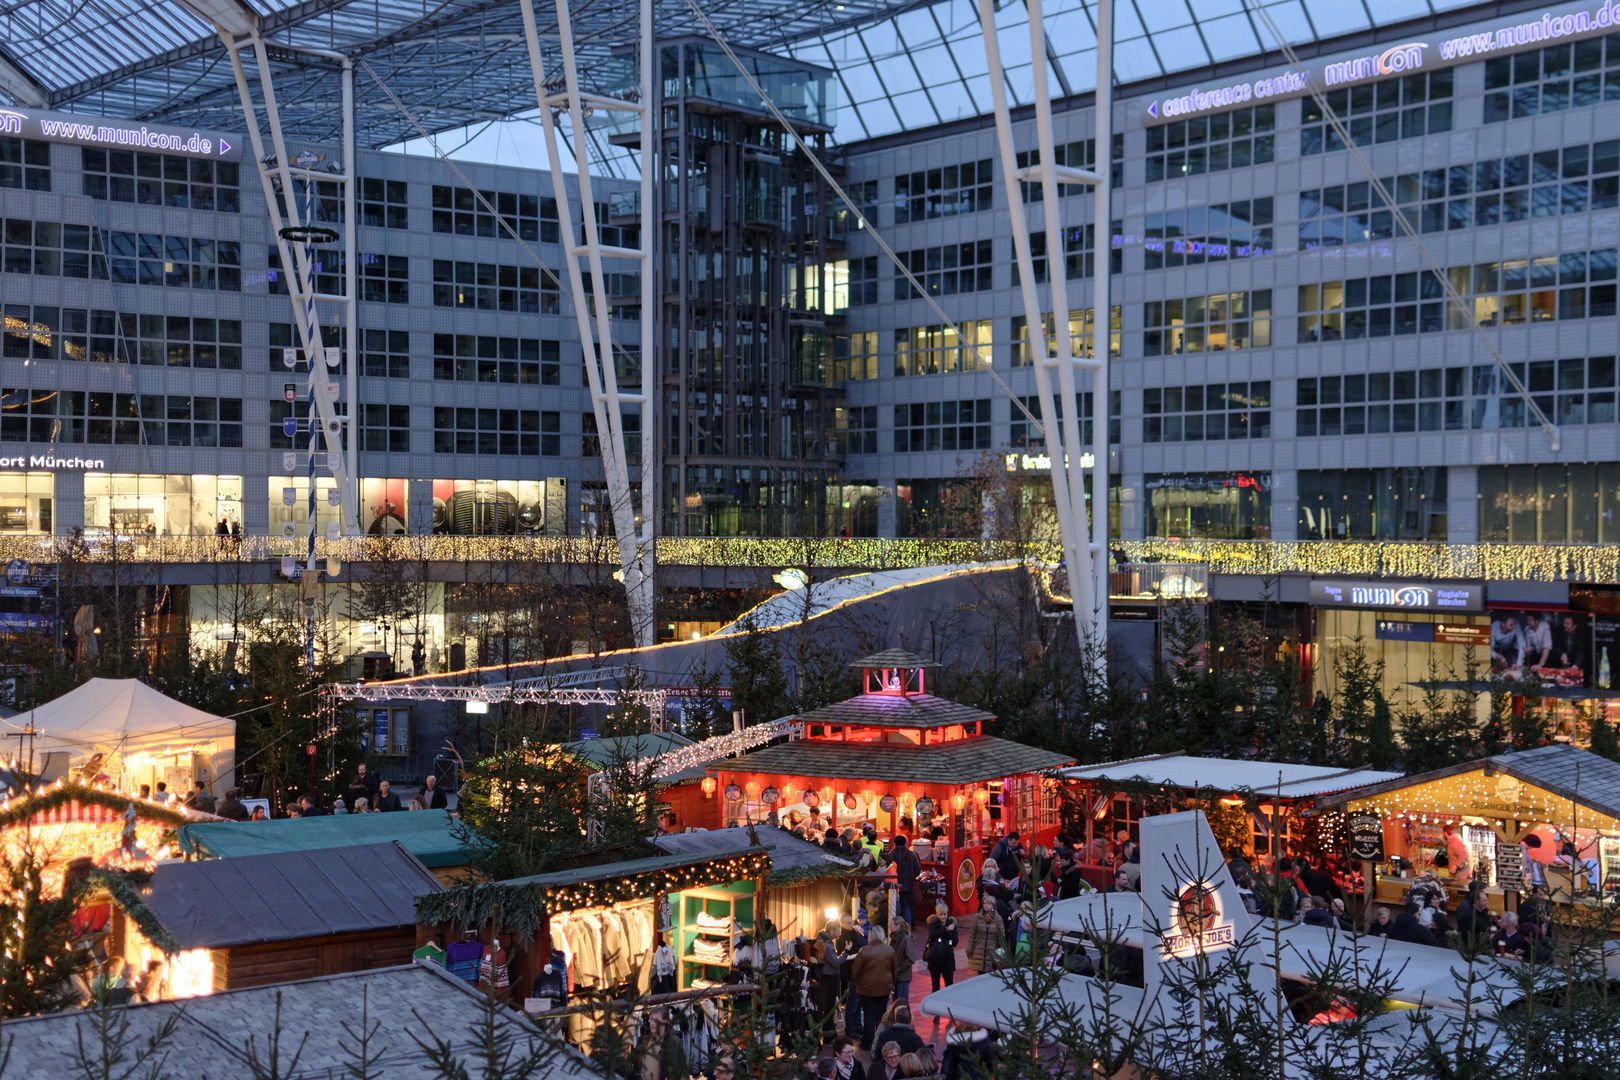 Weihnachtsmarkt München Flughafen